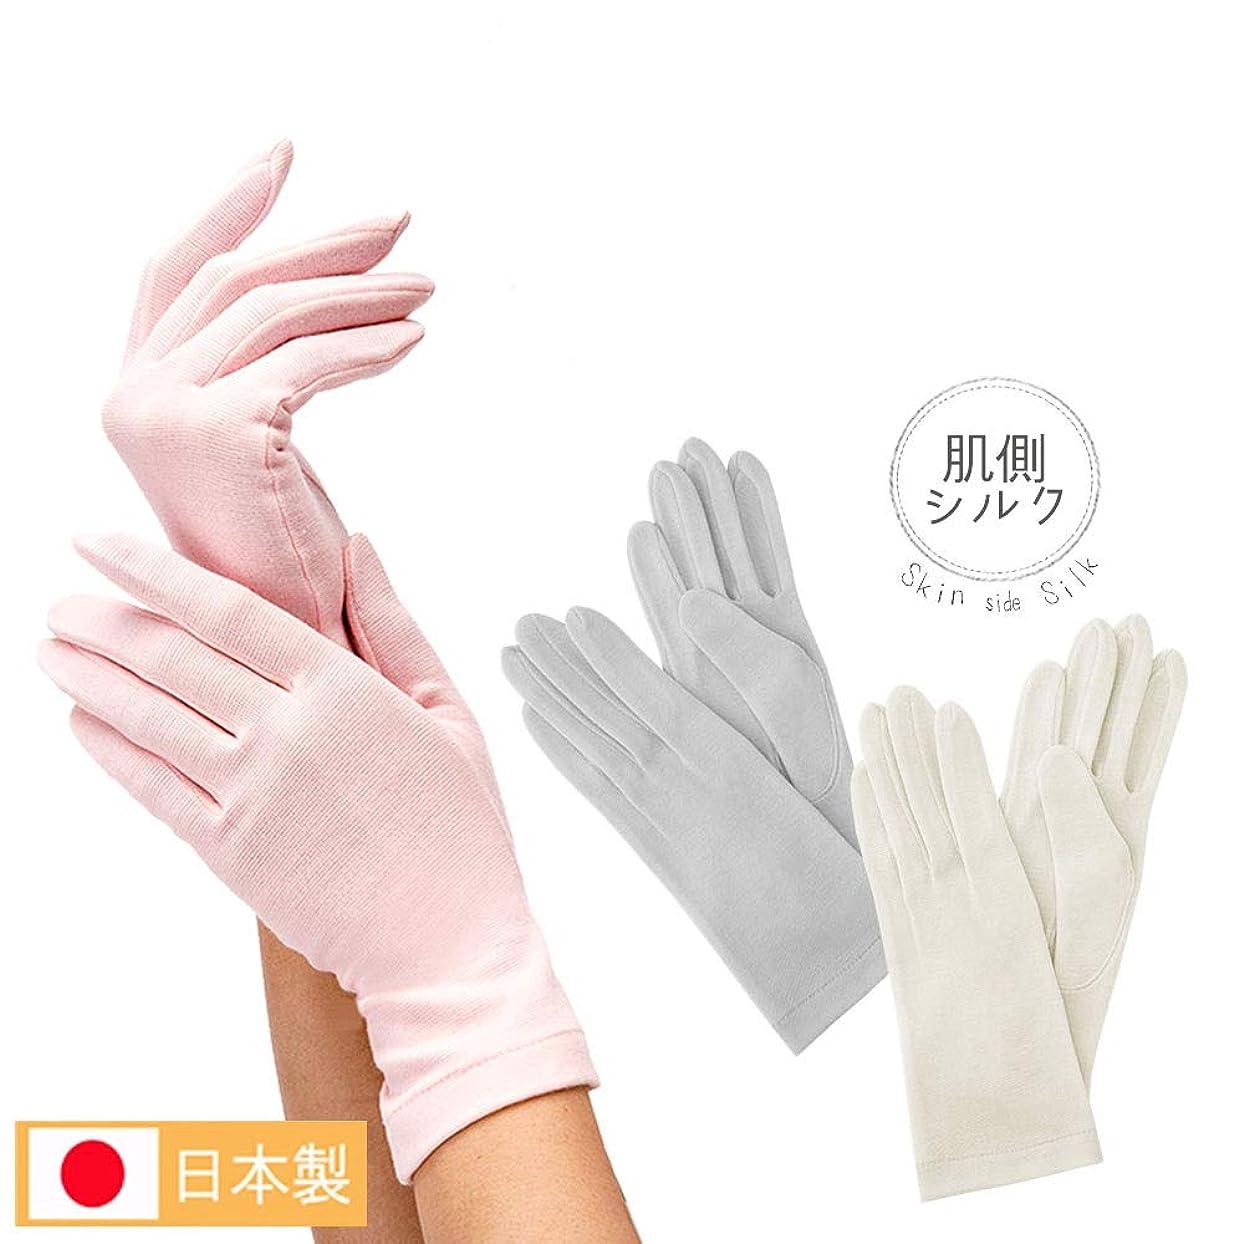 病的カフェ知っているに立ち寄るG12-0071_IV 就寝用 裏シルクうるおい手袋 あったか 薄い 手荒れ ハンドケア 保湿 レディース 女性 おやすみ 寝るとき 日本製 アイボリー